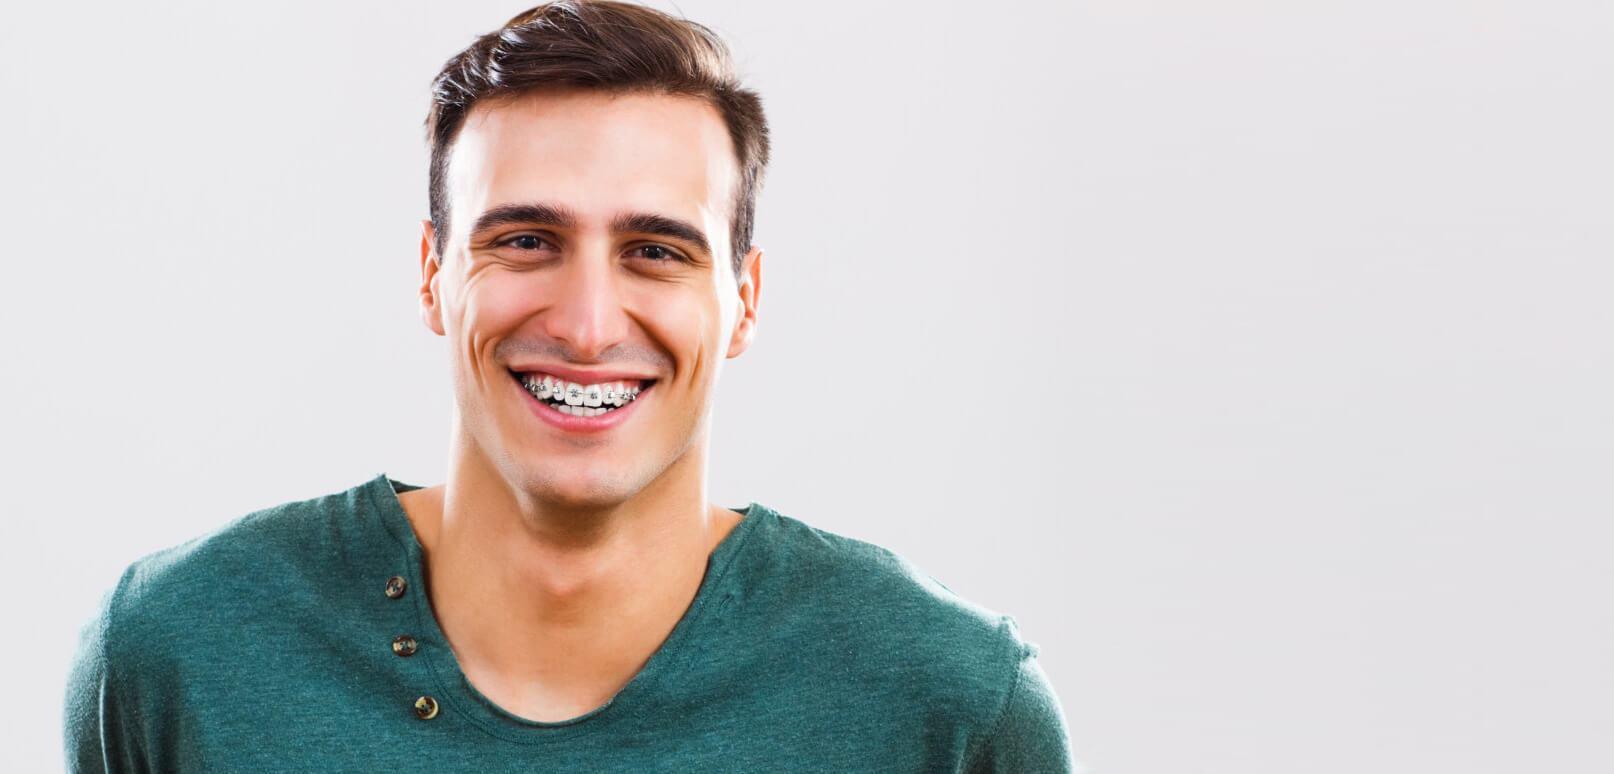 El Blanqueamiento Dental, culminación perfecta de un buen trabajo de Ortodoncia